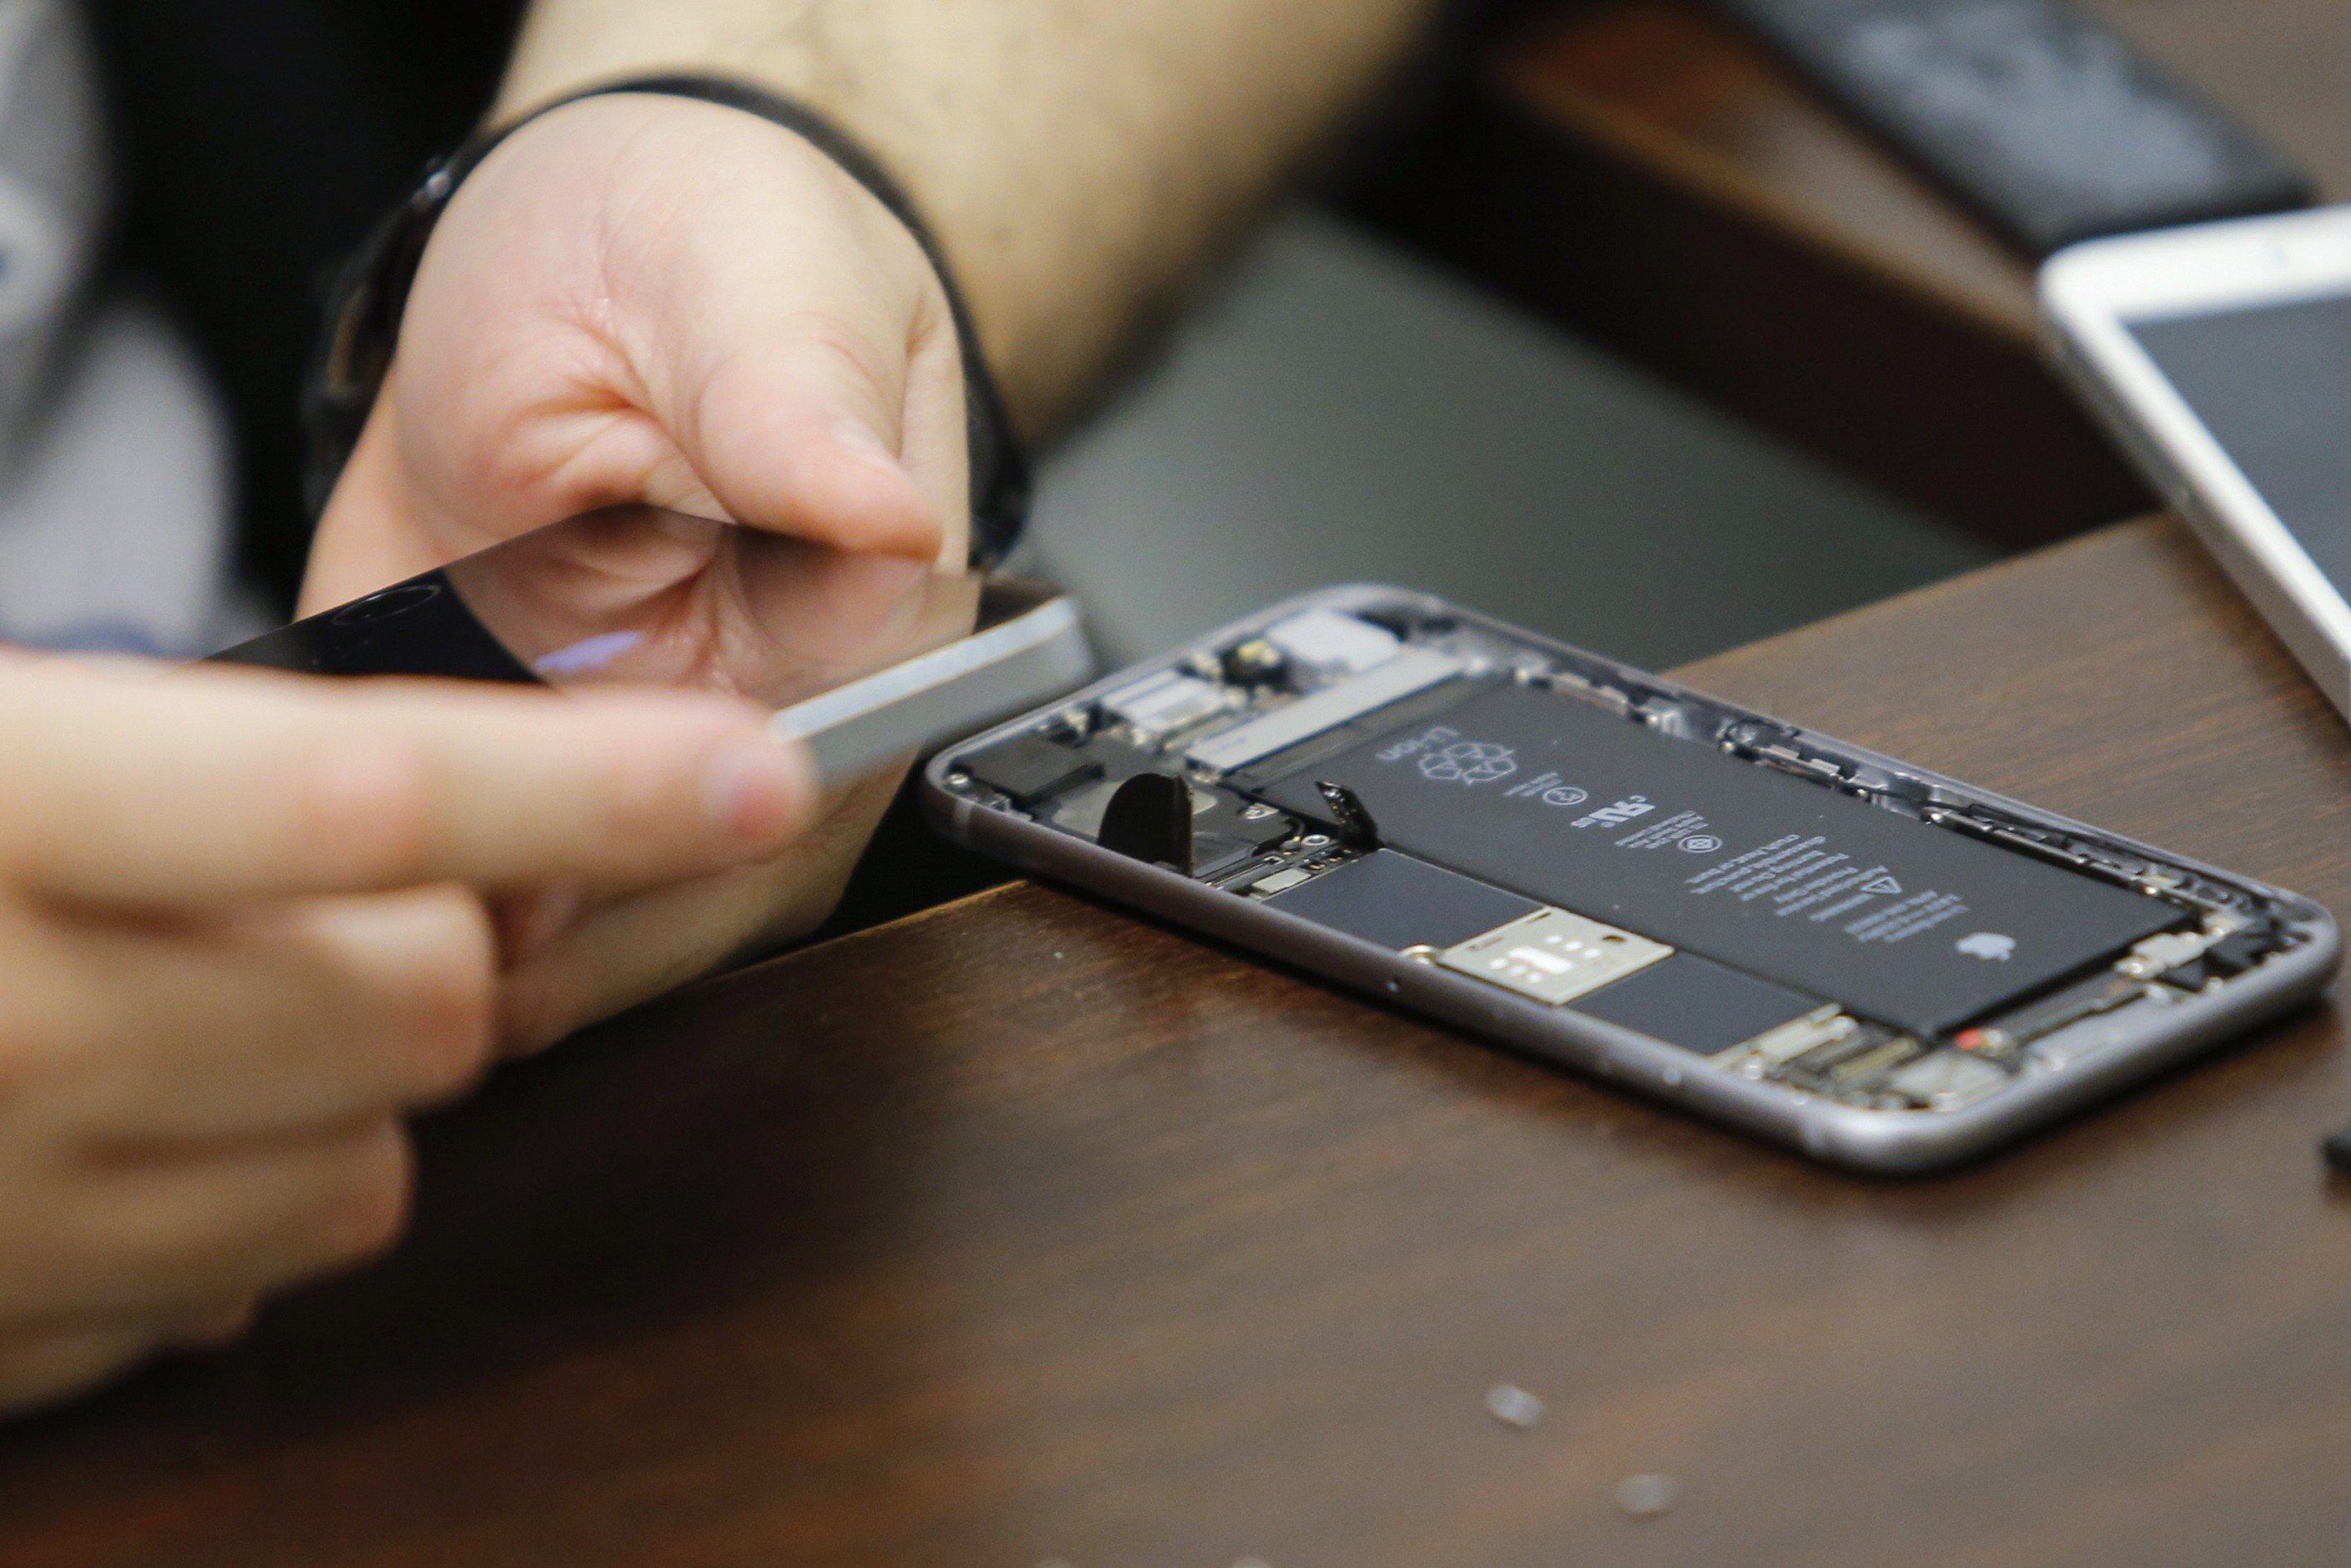 Apple planea primera compra de chips con un fabricante chino